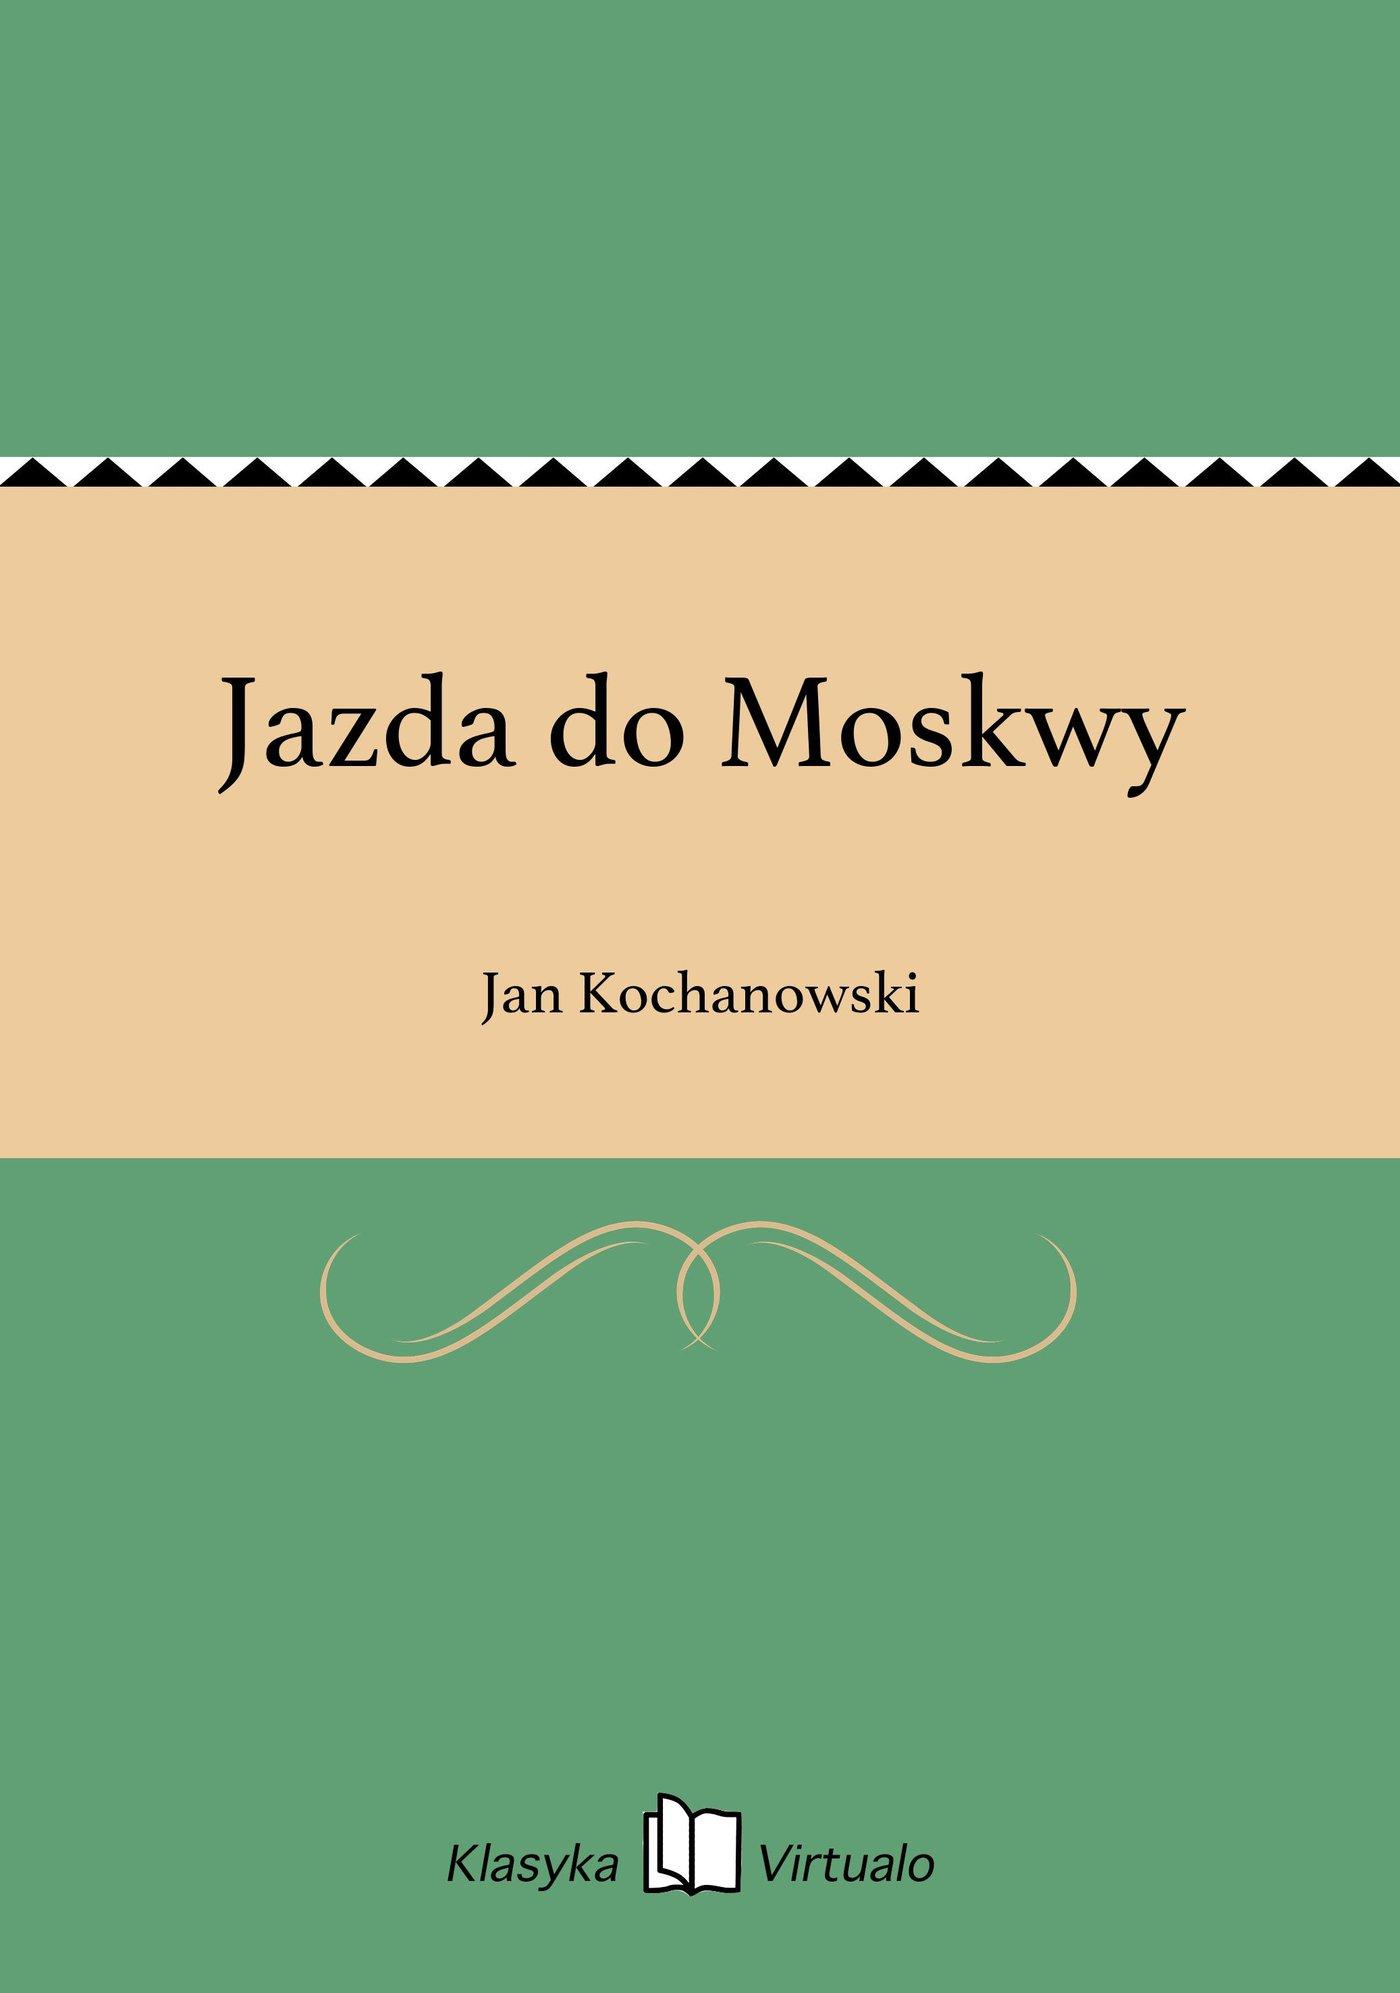 Jazda do Moskwy - Ebook (Książka EPUB) do pobrania w formacie EPUB